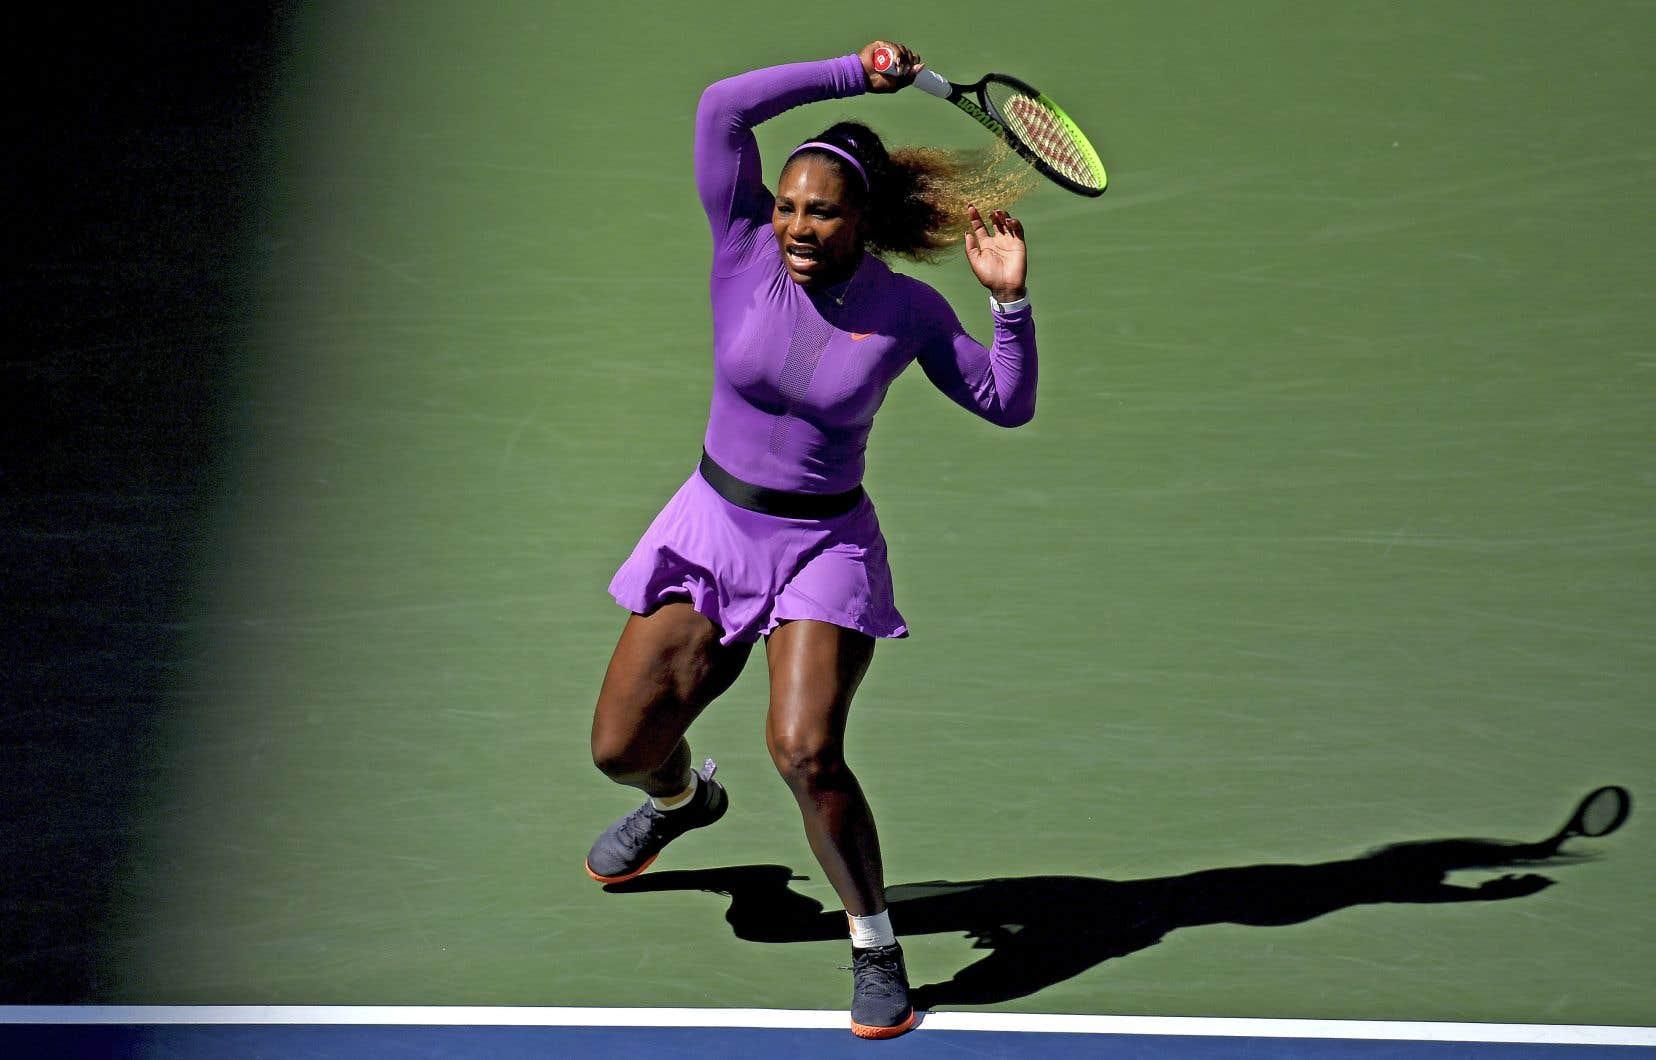 Serena Williams, huitième joueuse mondiale, a réussi cinq bris en huit occasions contre un seul (sur cinq balles de bris) pour Karolina Muchova, qui pointe au 44erang.